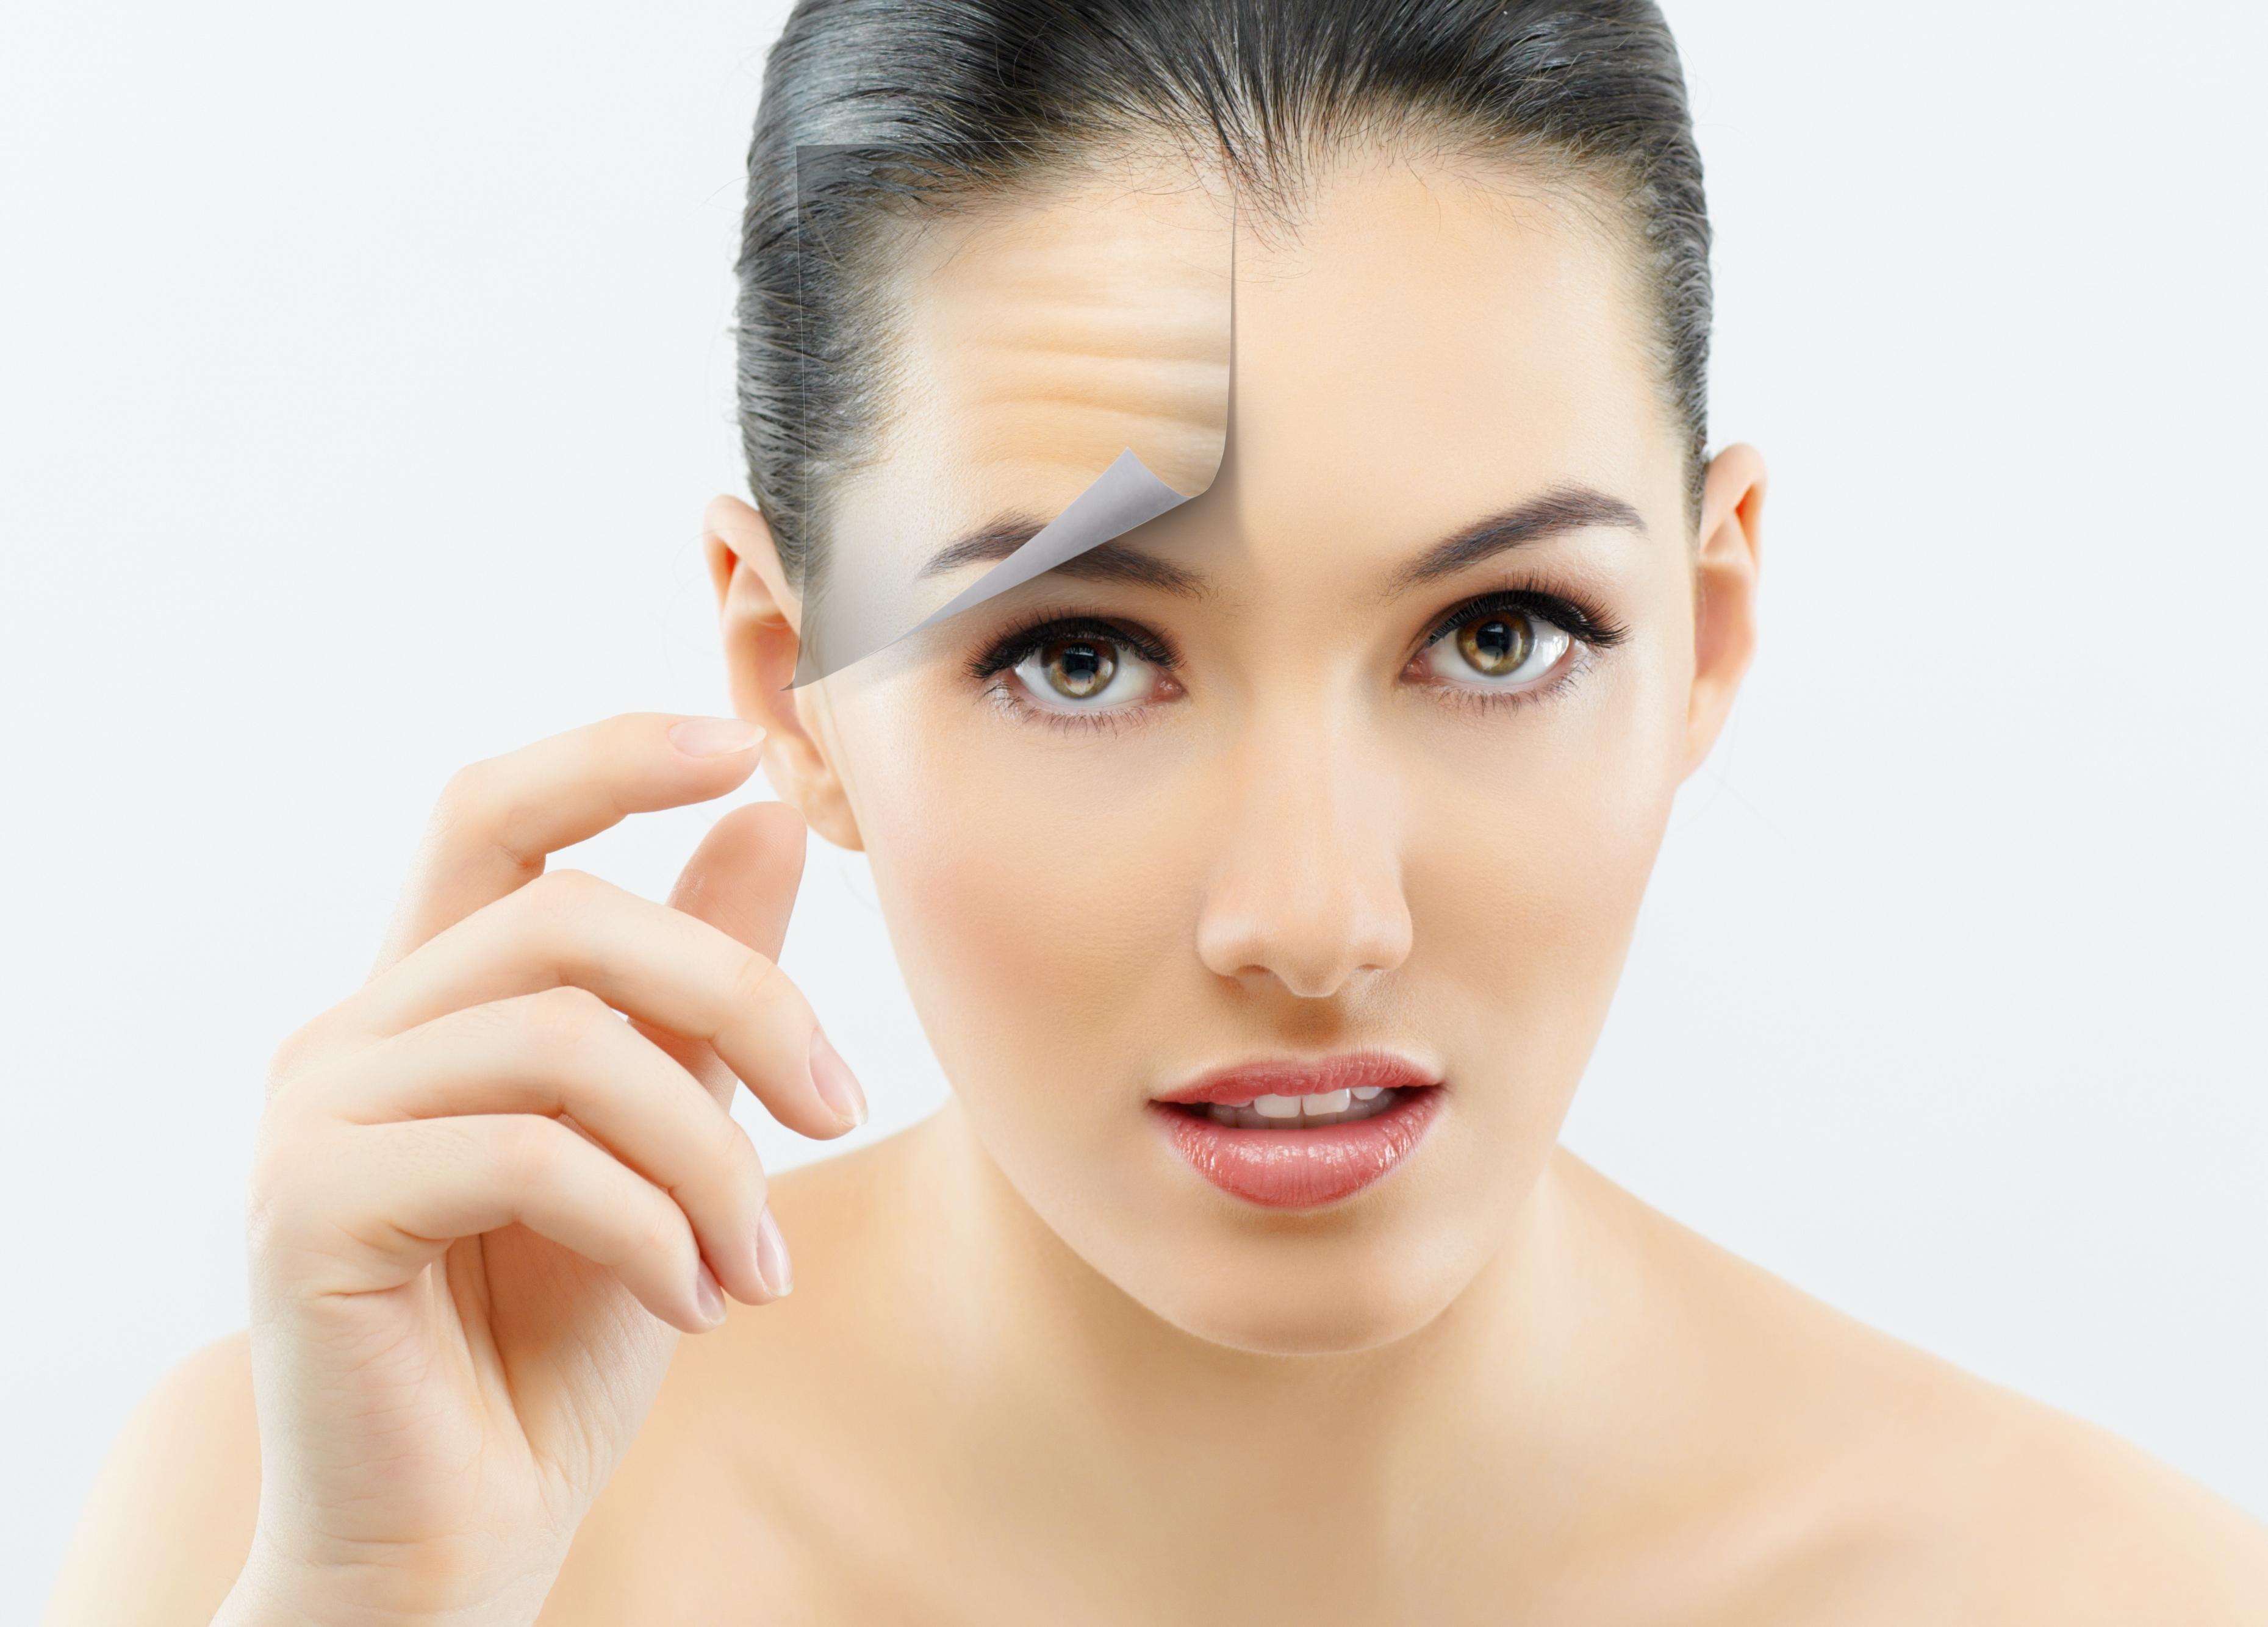 Как эффективно убрать морщины на лице в домашних условиях 6